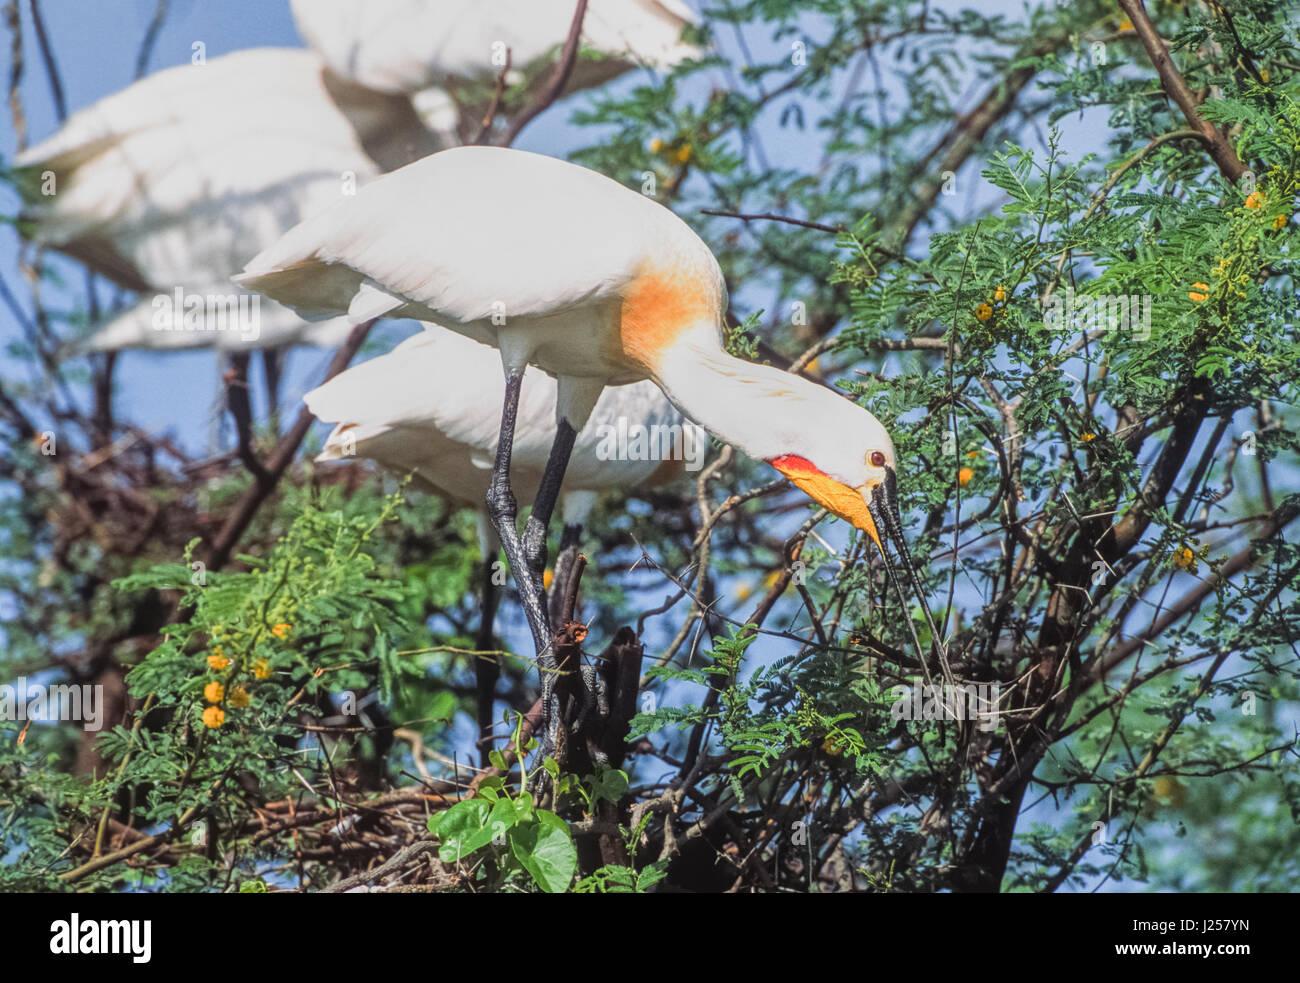 Spatule blanche Spatule blanche ou conjoint (Platalea leucorodia) plumage nuptial, la collecte des brindilles pour Banque D'Images